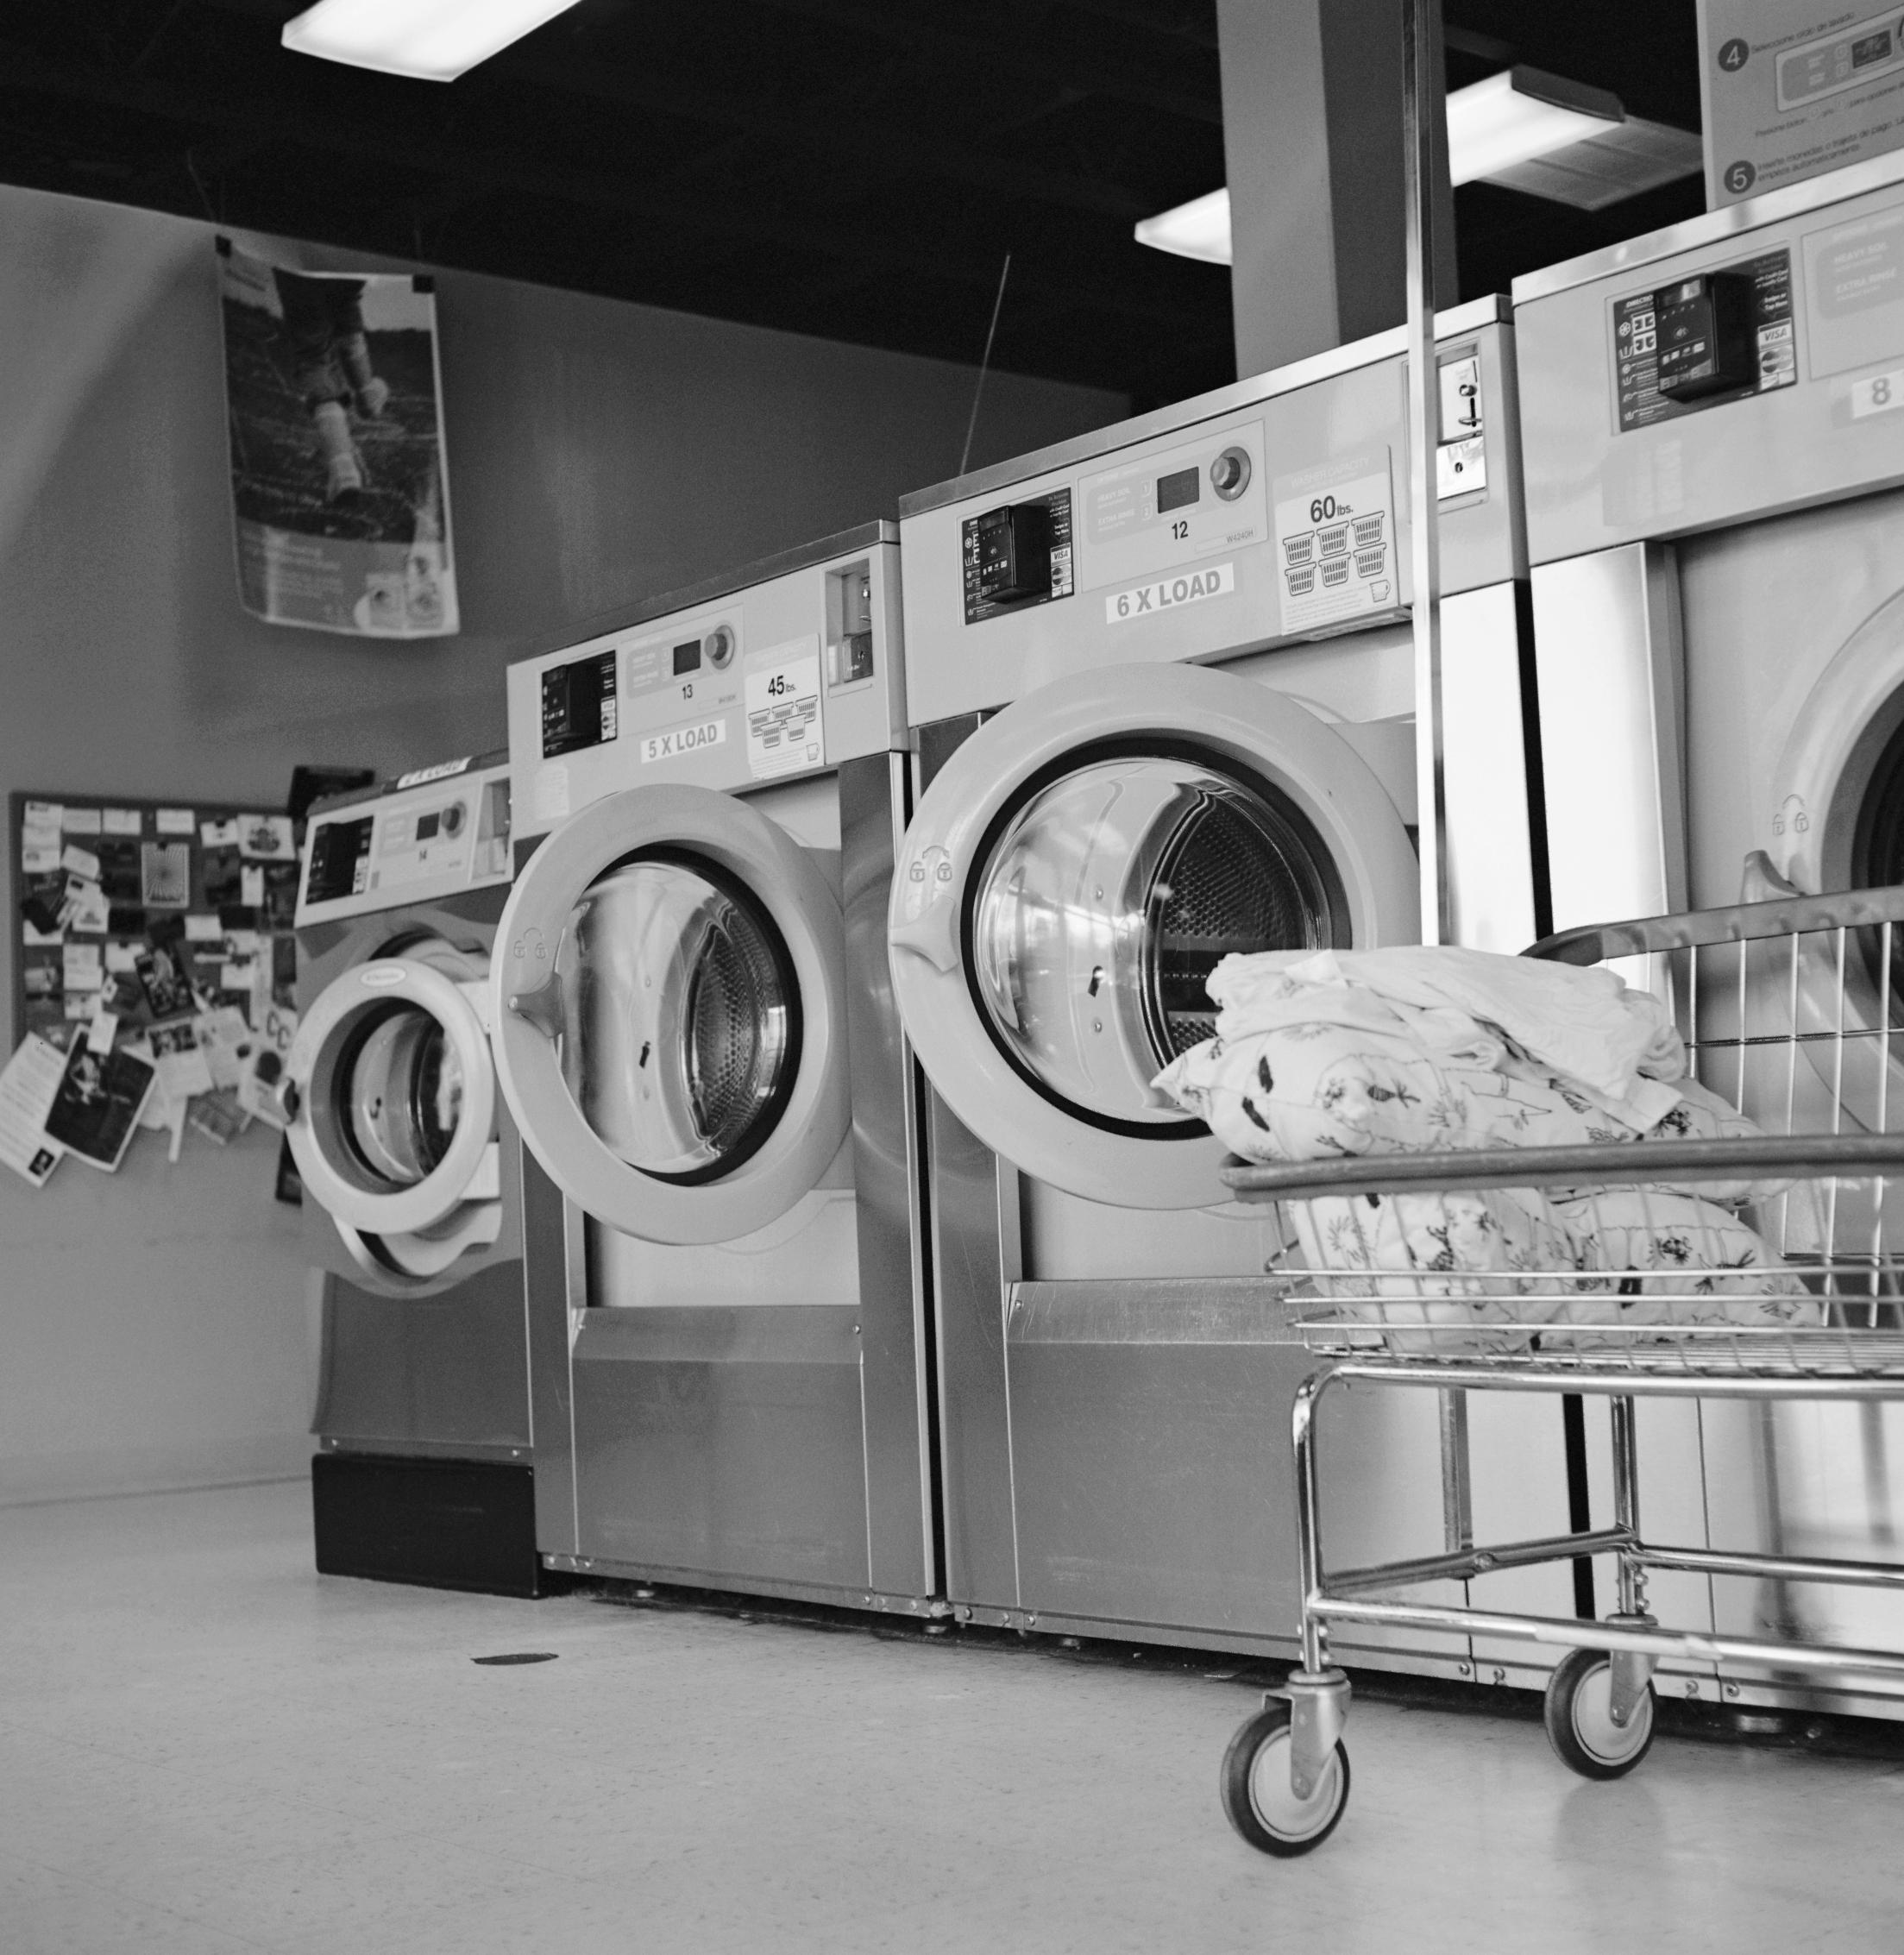 Cora Coronel - Laundry